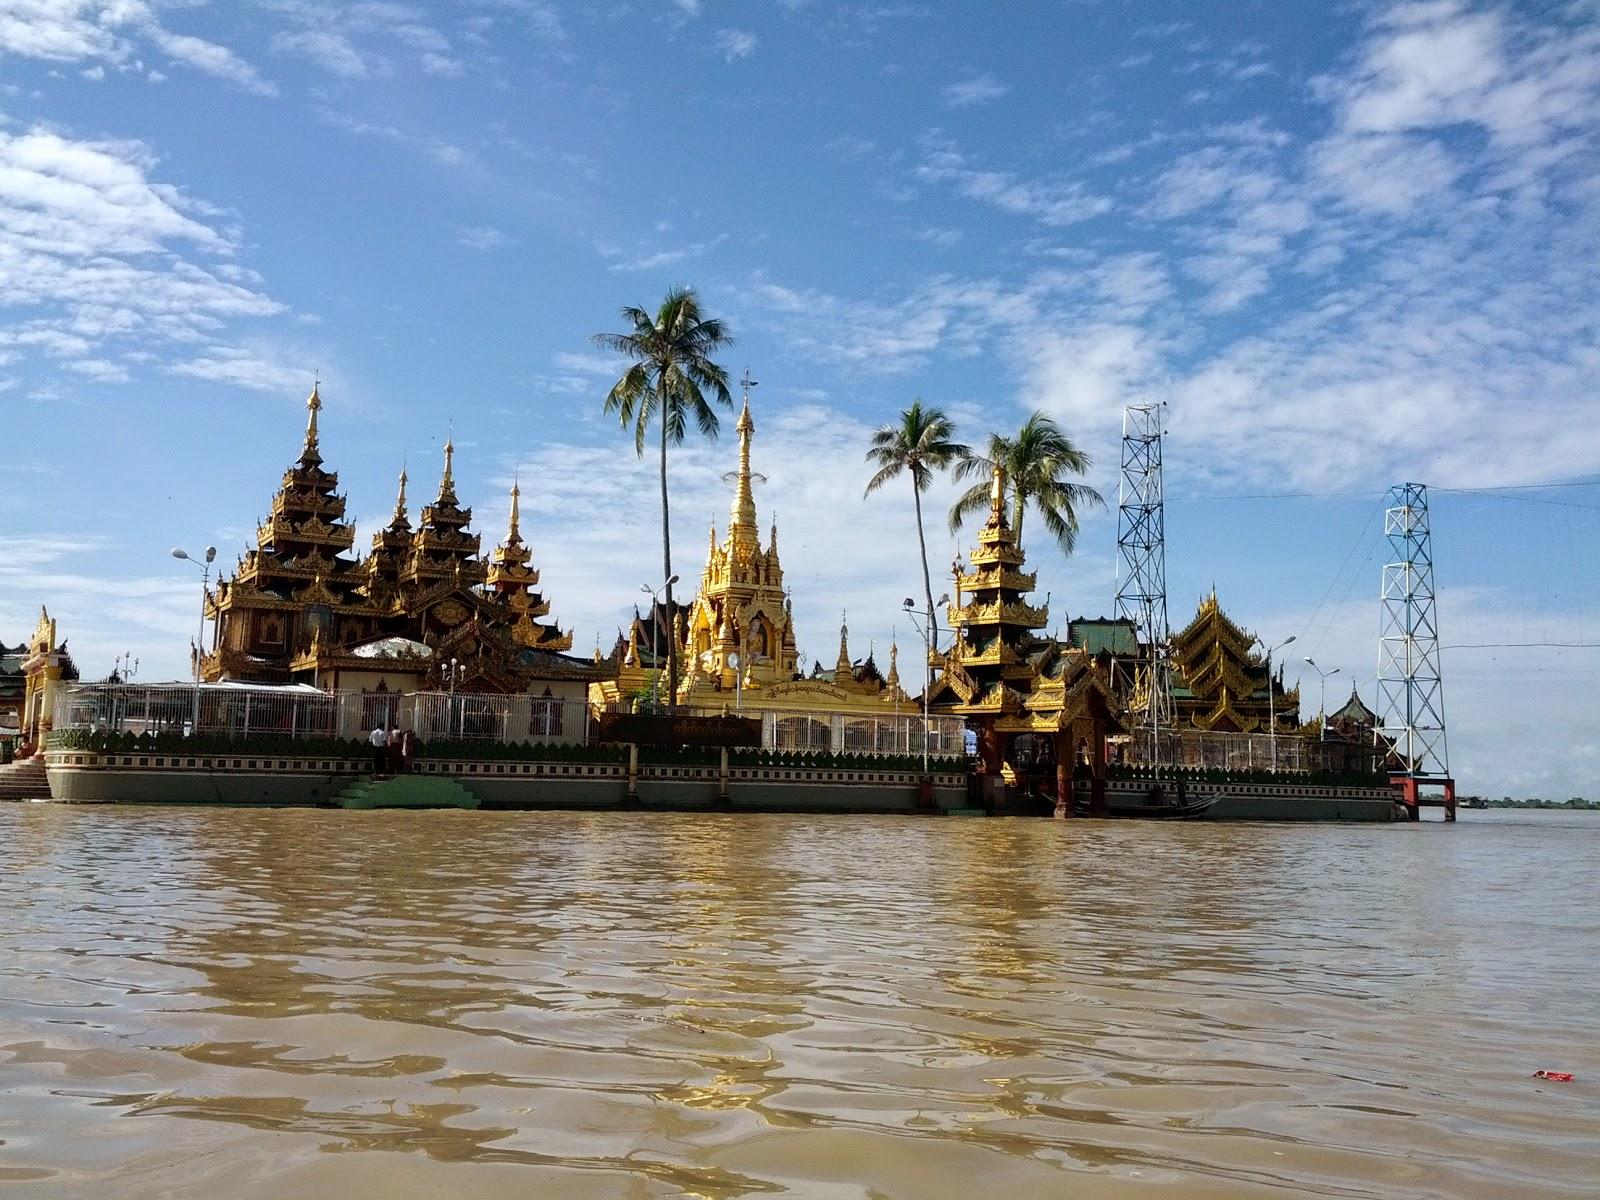 ผลการค้นหารูปภาพสำหรับ Kyaik Hwaw Wun Pagoda